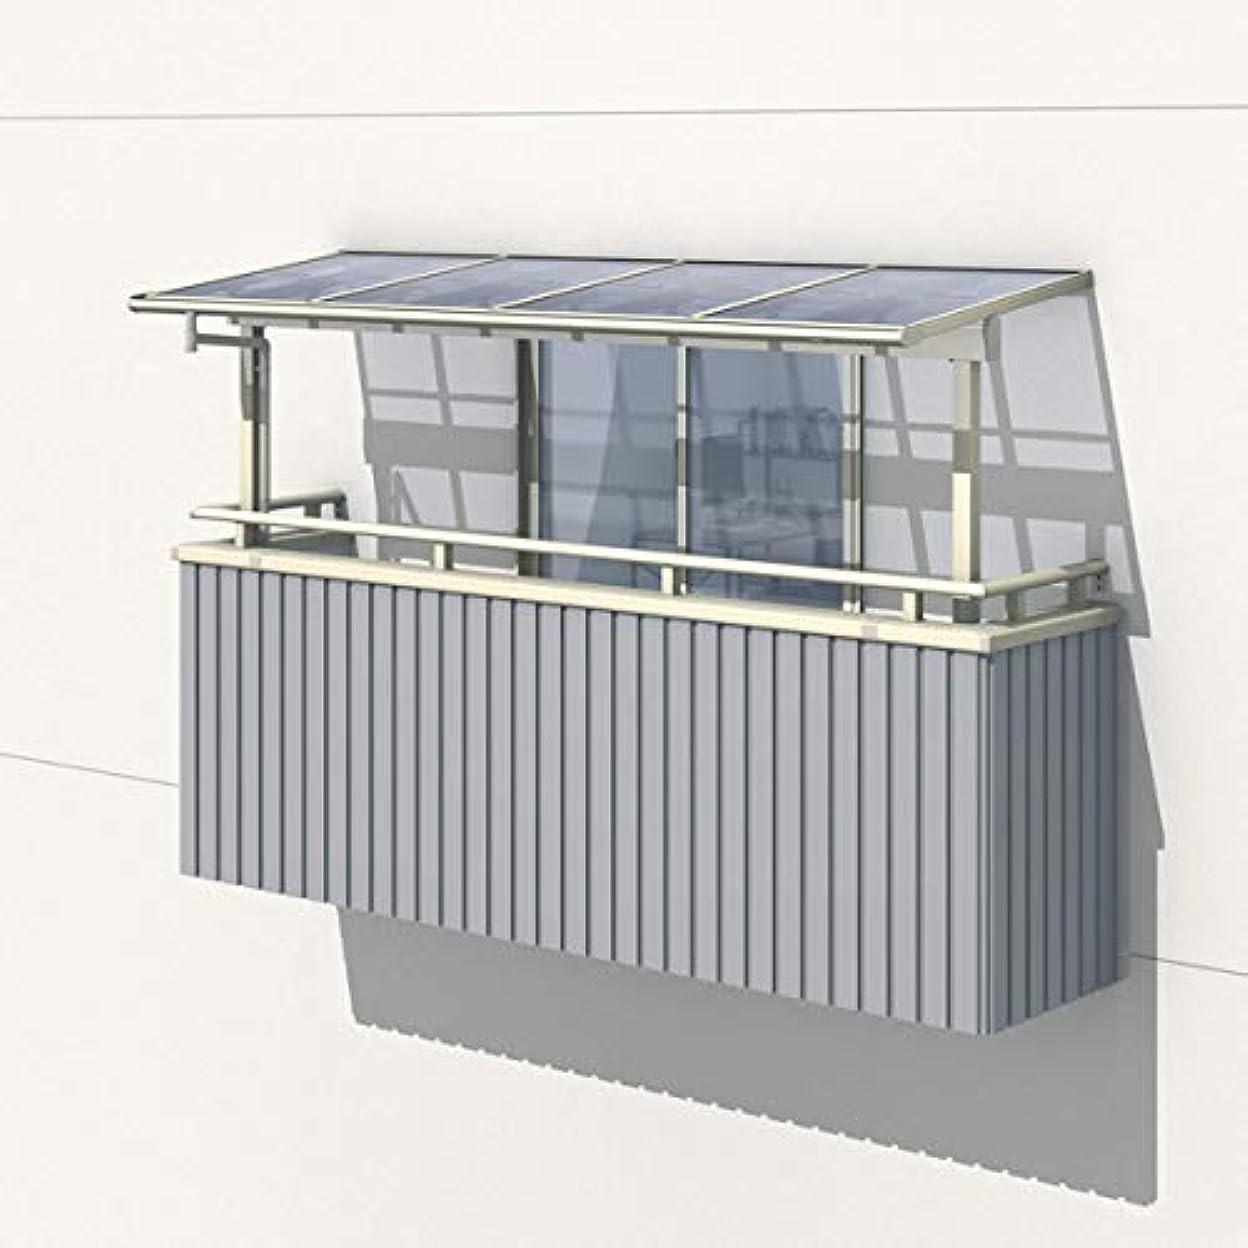 慈善オーバーラン悔い改める三協アルミ レボリューZ 2.5間×9尺 1500タイプ/メーターモジュール/2階用F型/出幅移動収まり/2連結 『テラス屋根』 熱線遮断ポリカ 商品色をお選びください